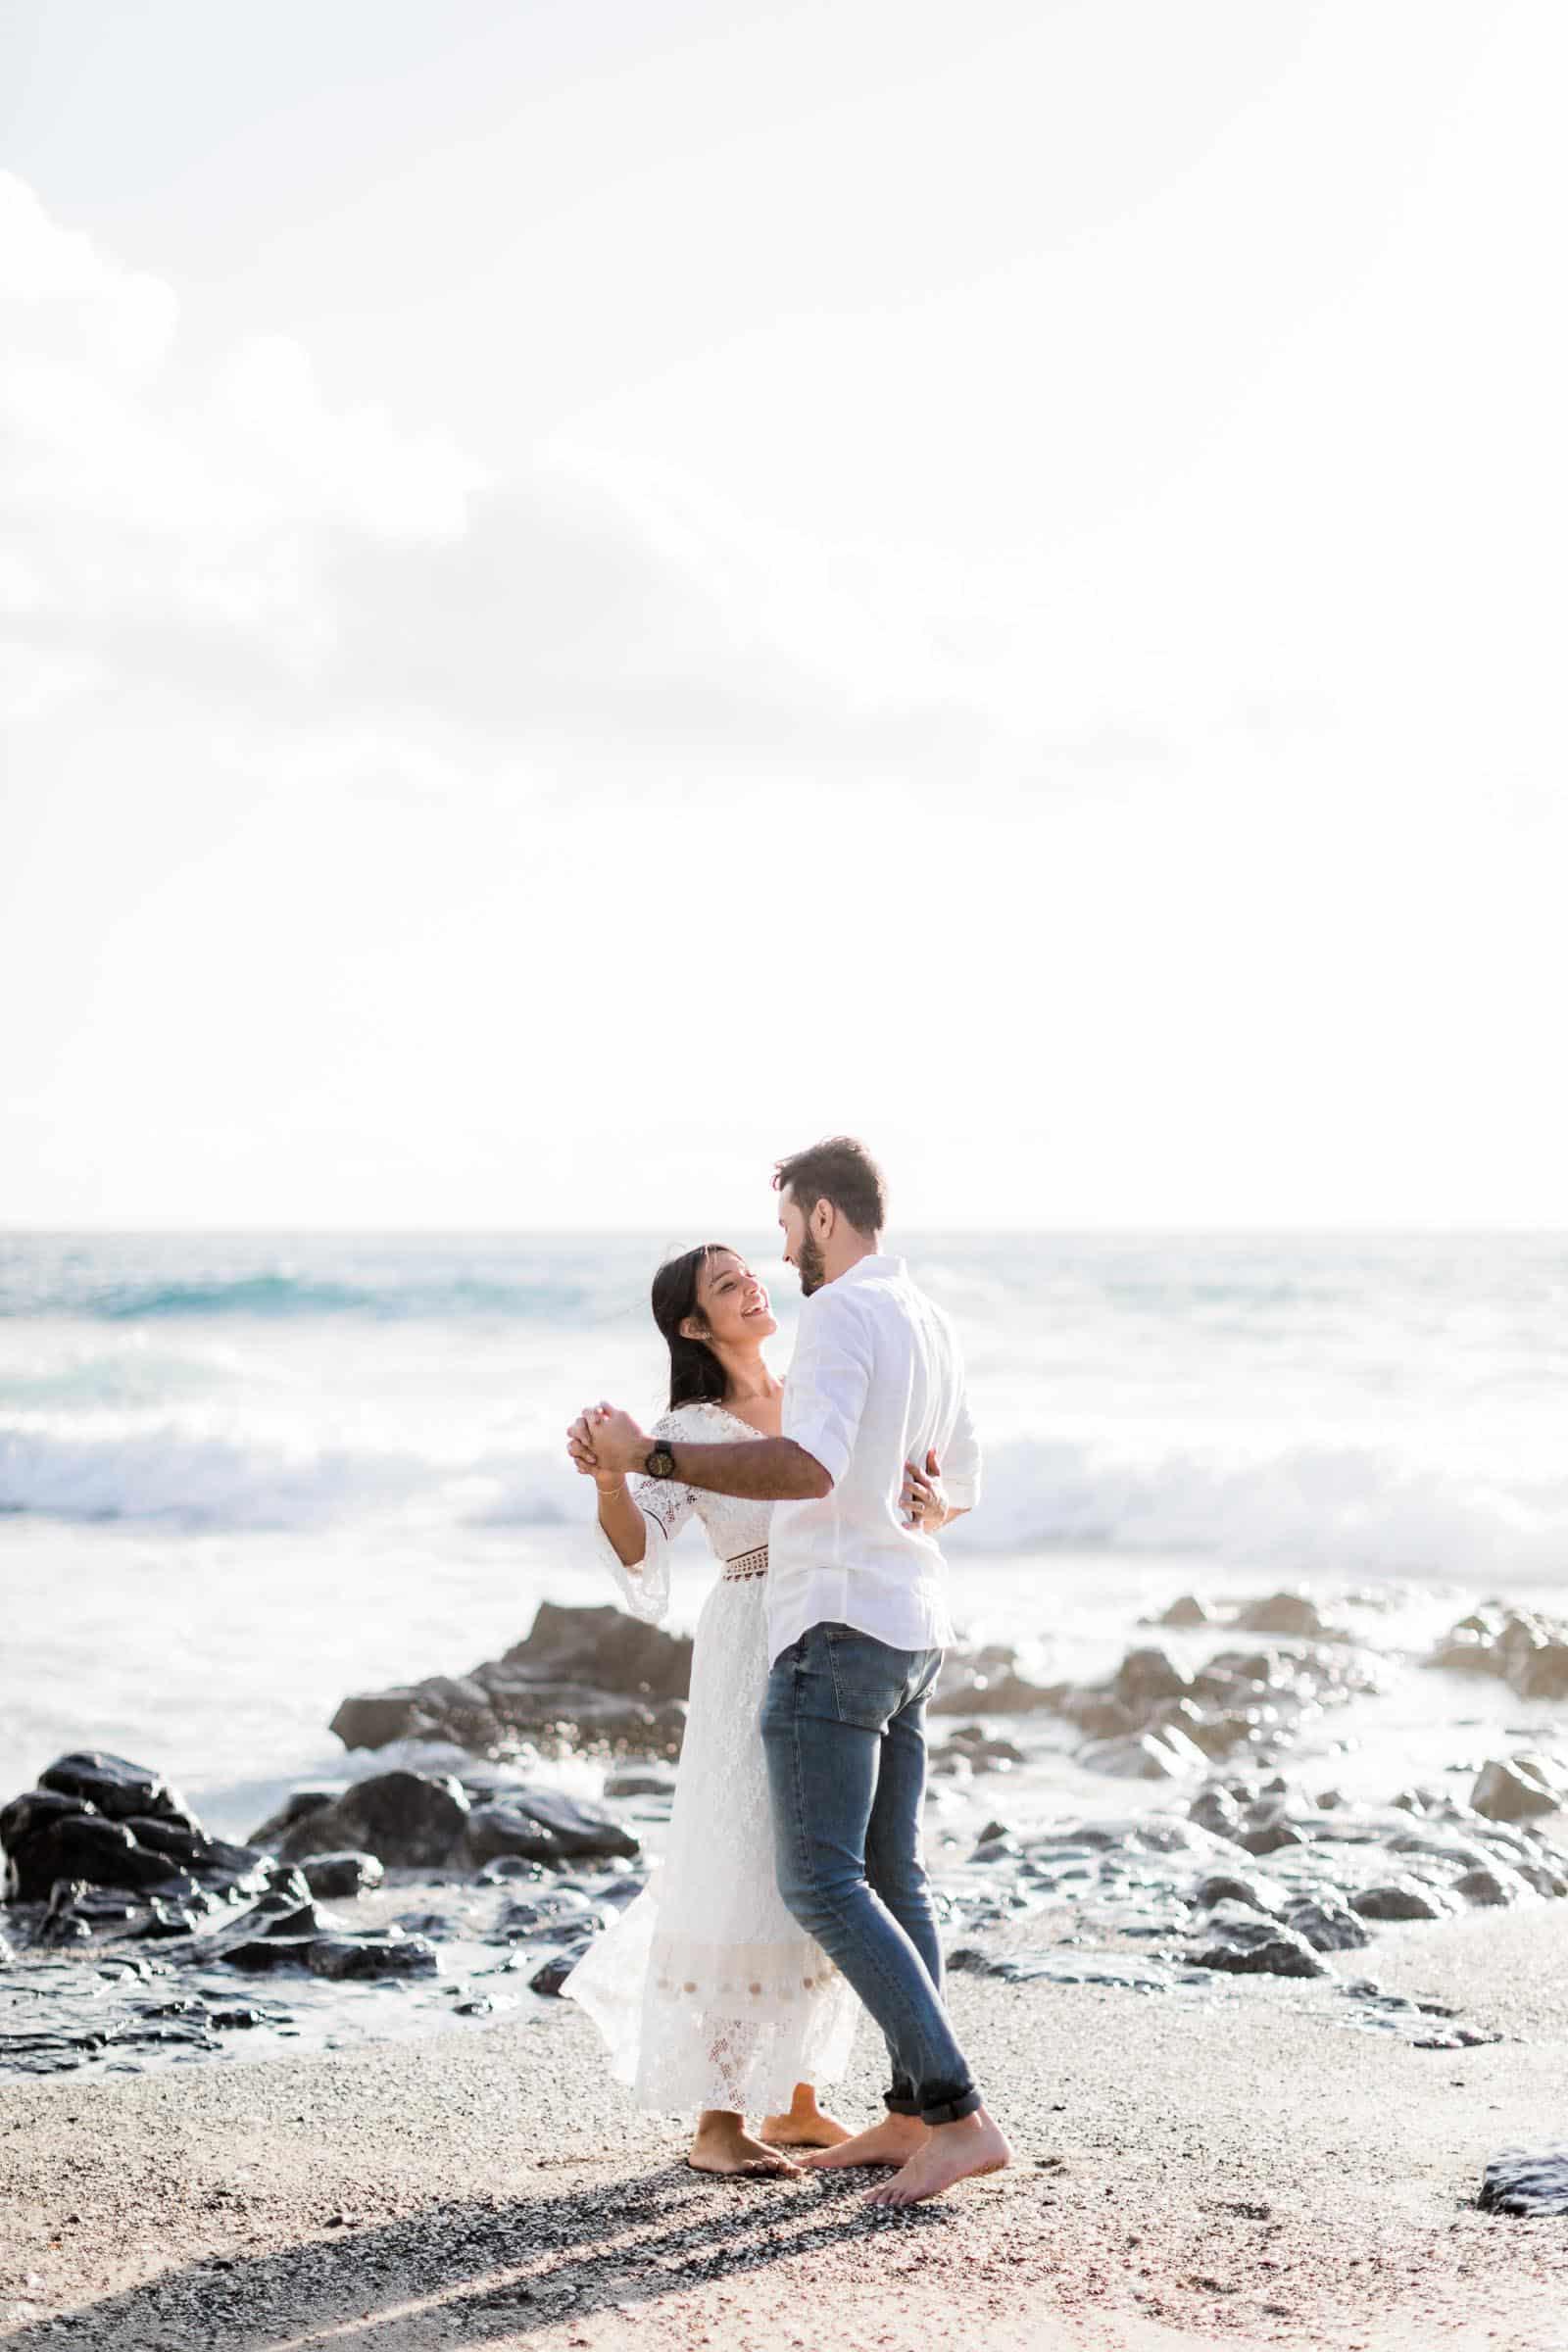 Photographie d'une séance photo au Cap La Houssaye, de Mathieu Dété, photographe de couple et famille à Saint-Denis de la Réunion 974, présentant un couple qui danse les pieds dans l'eau de l'Océan Indien